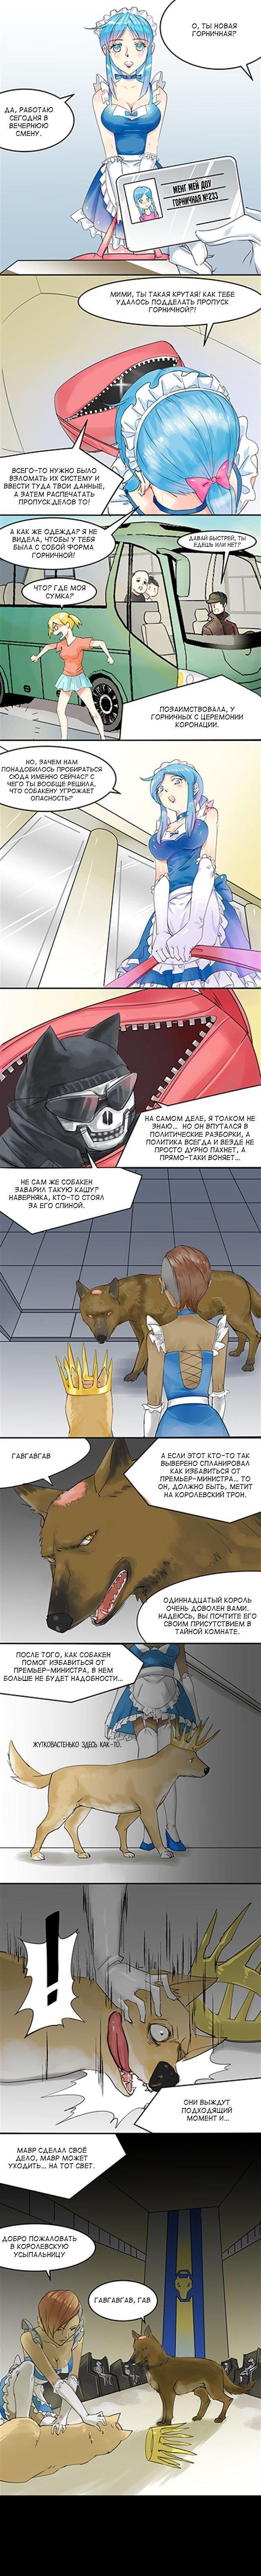 Манга Собакен - Глава 35 Страница 1